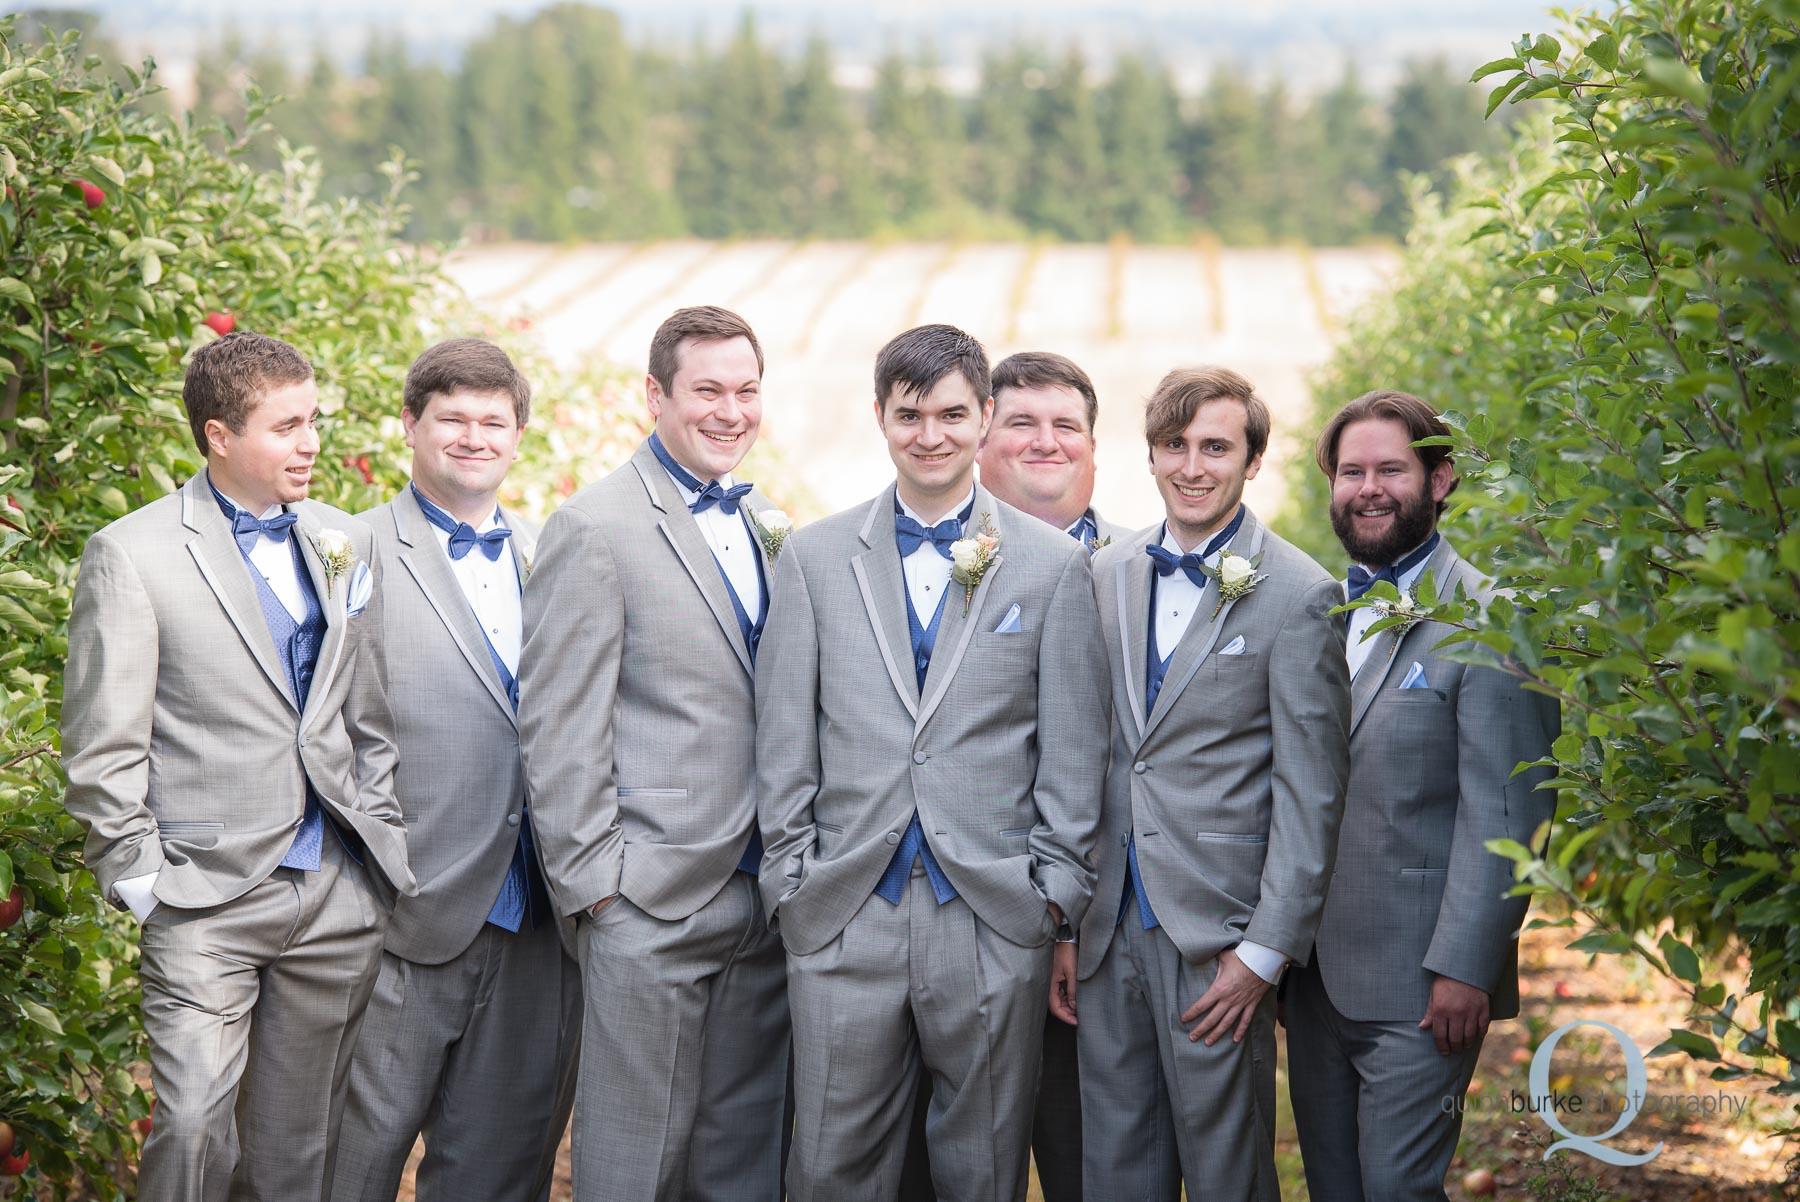 groomsmen wedding in orchard Perryhill Farm